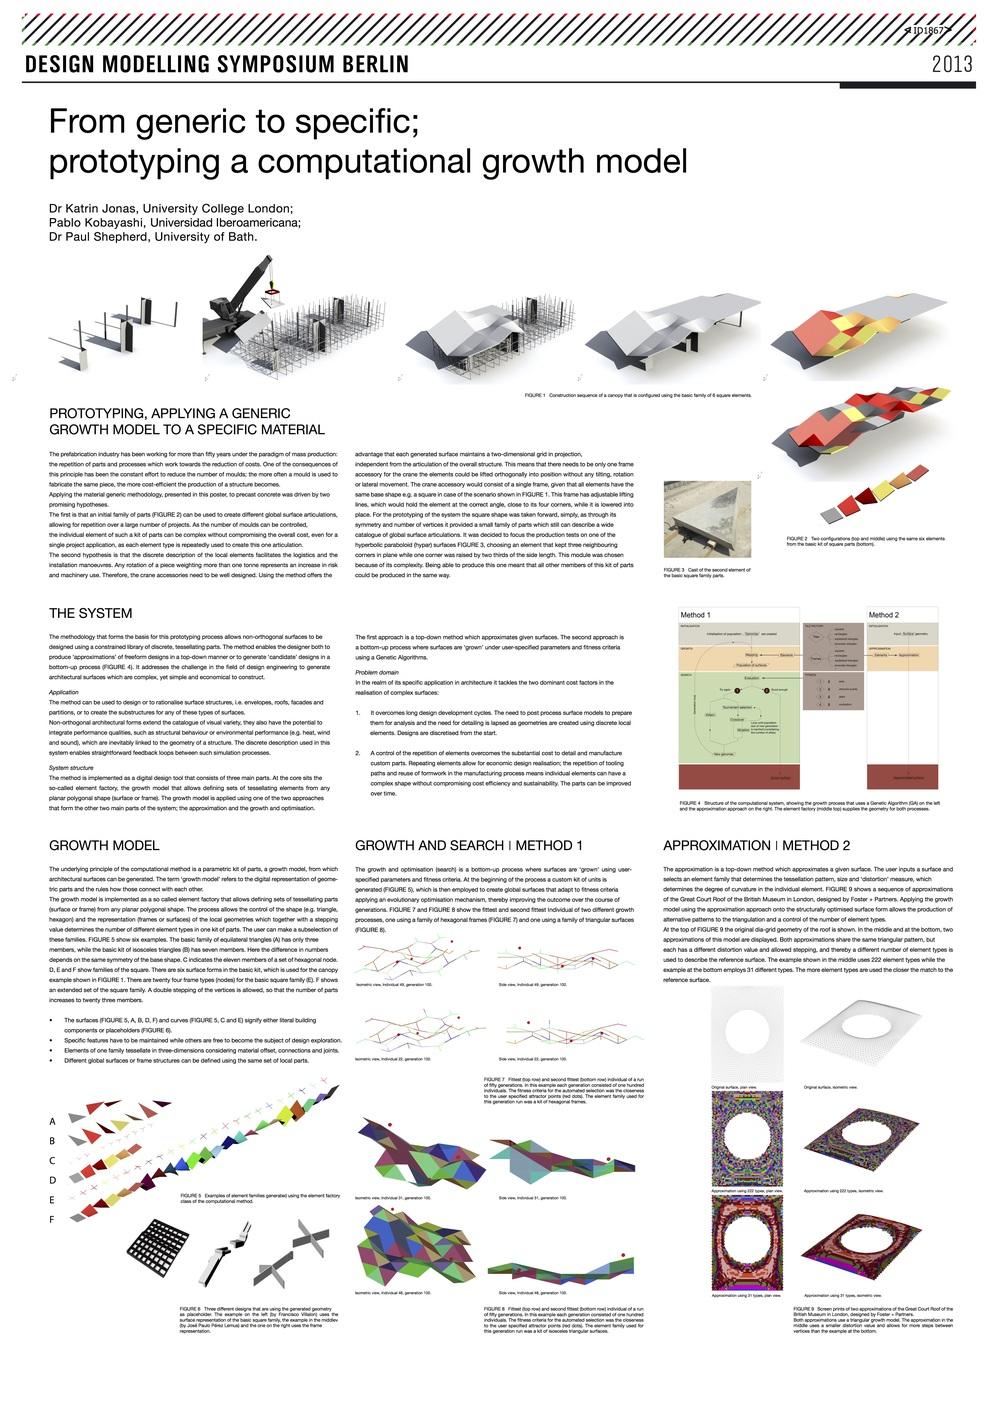 Poster presentado en el Design Modelling Symposium 2013.